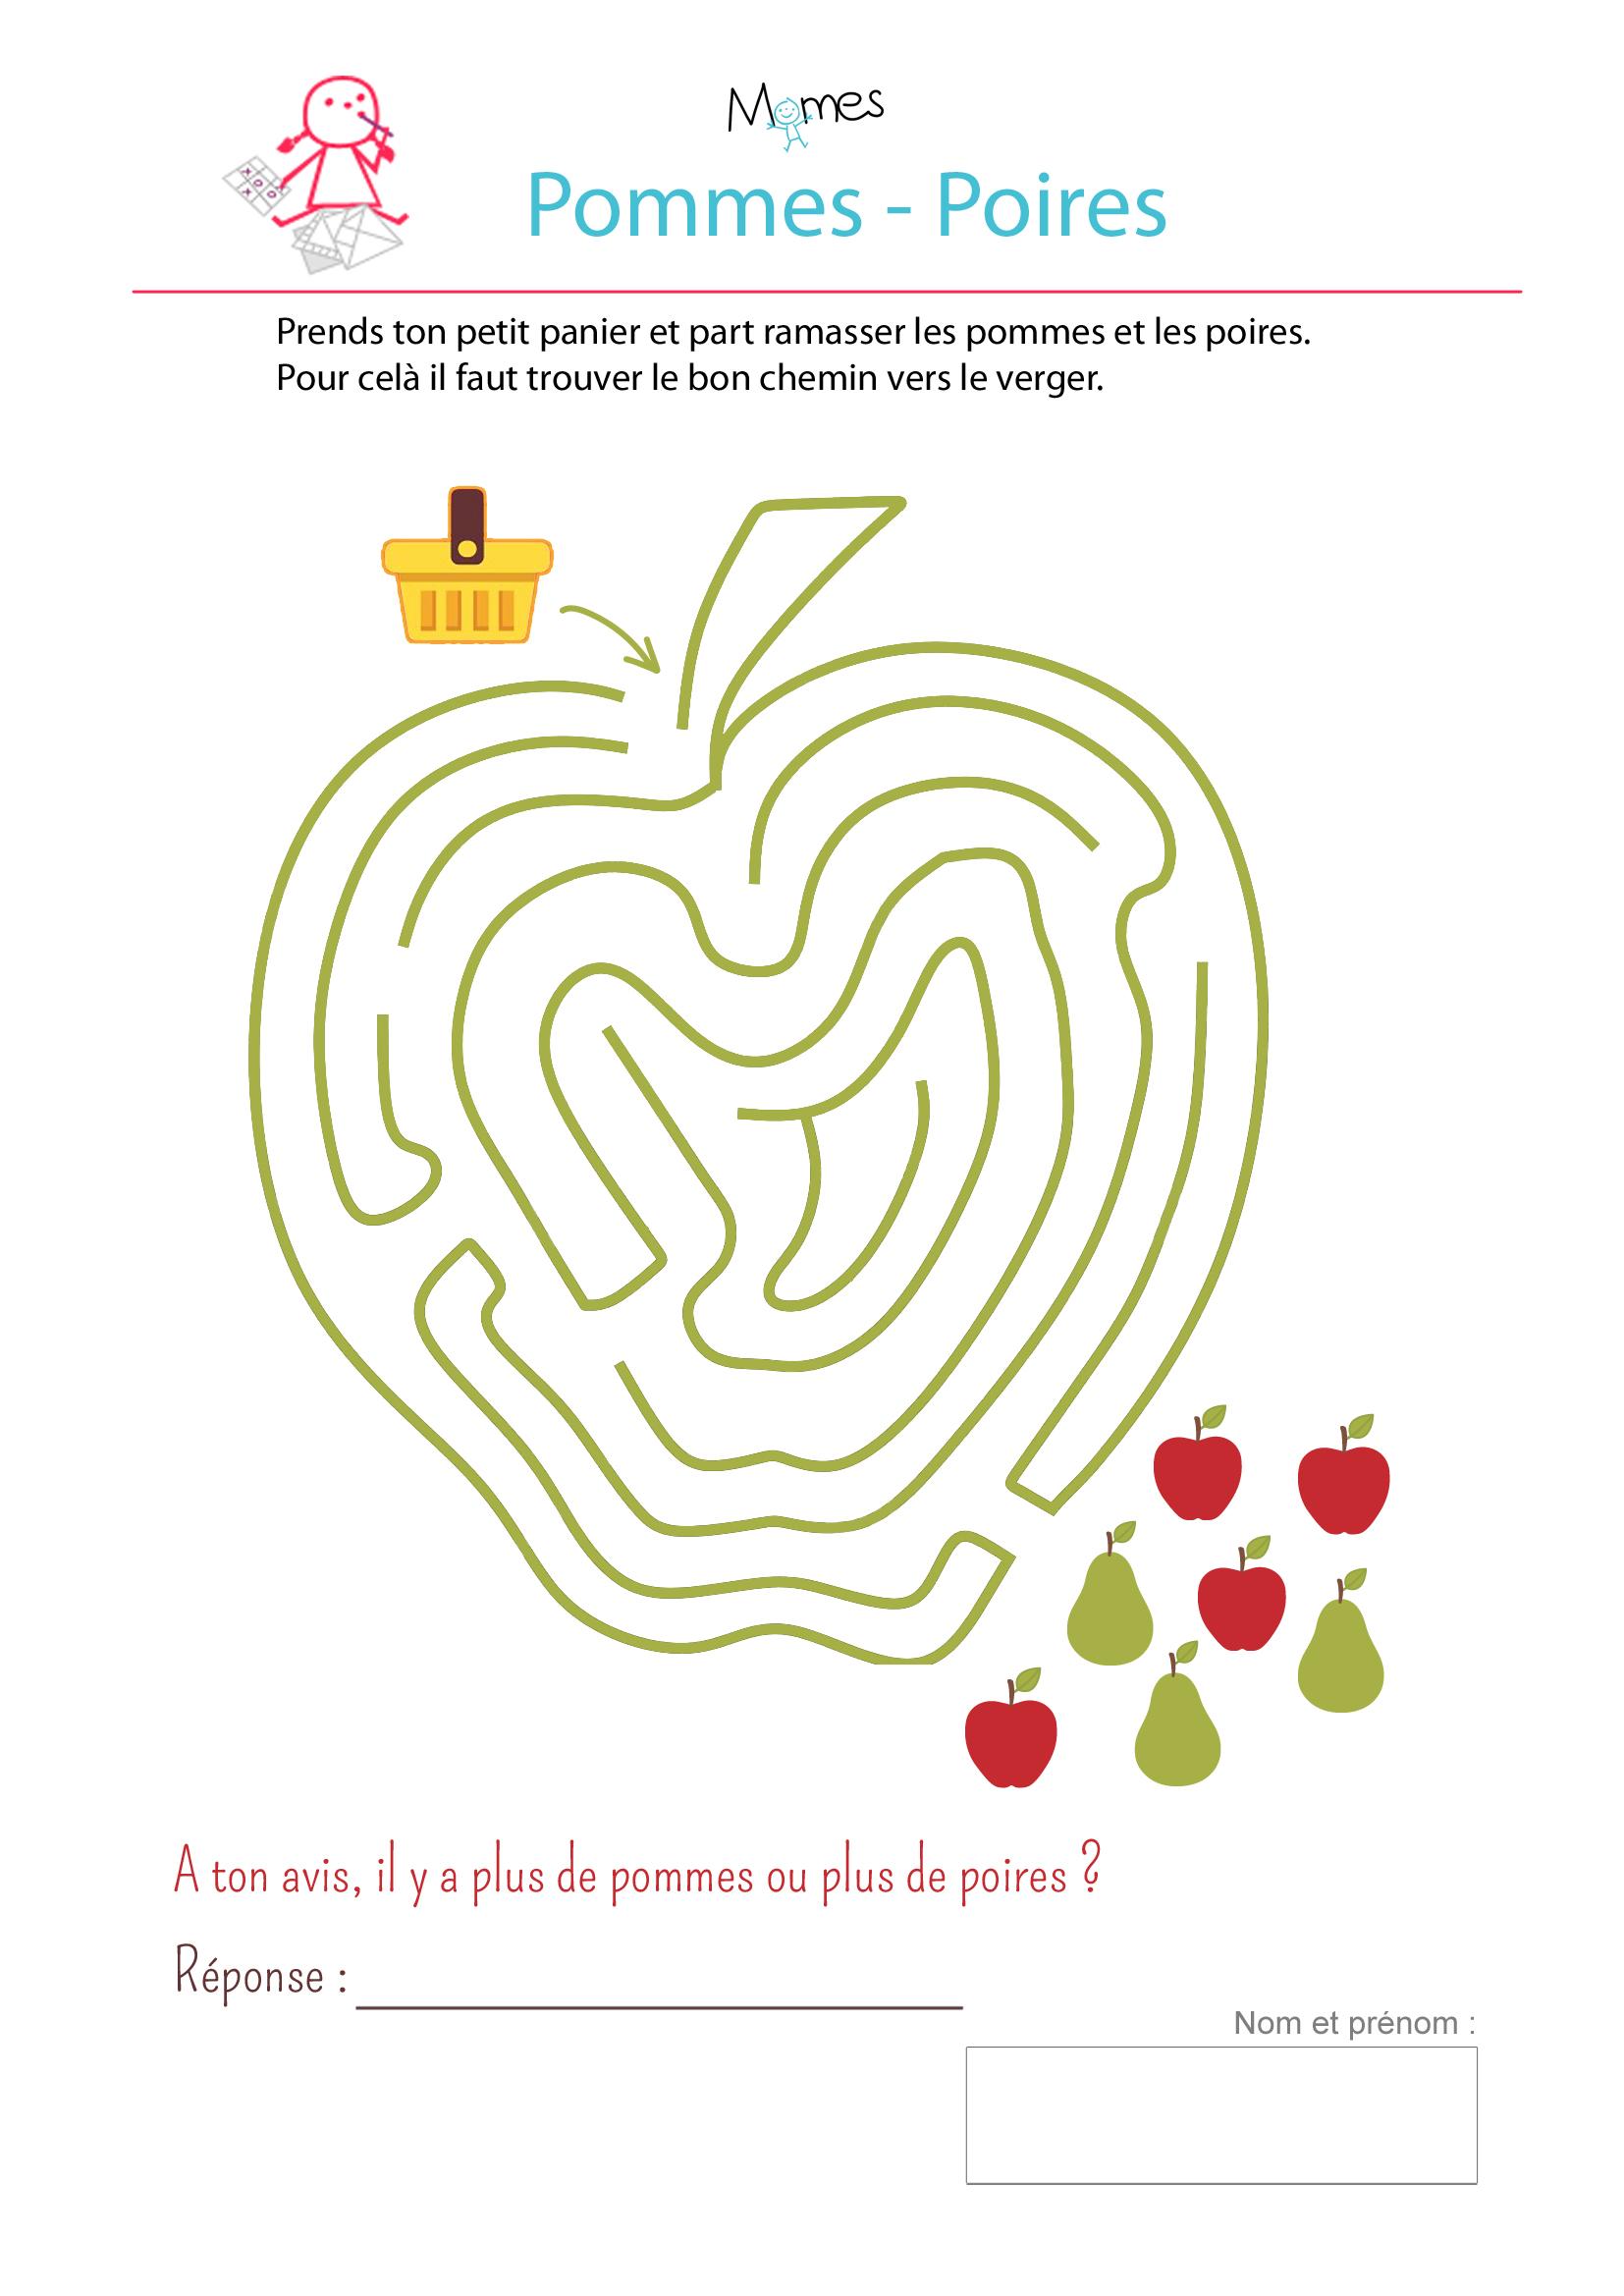 Le labyrinthe pommes-poires